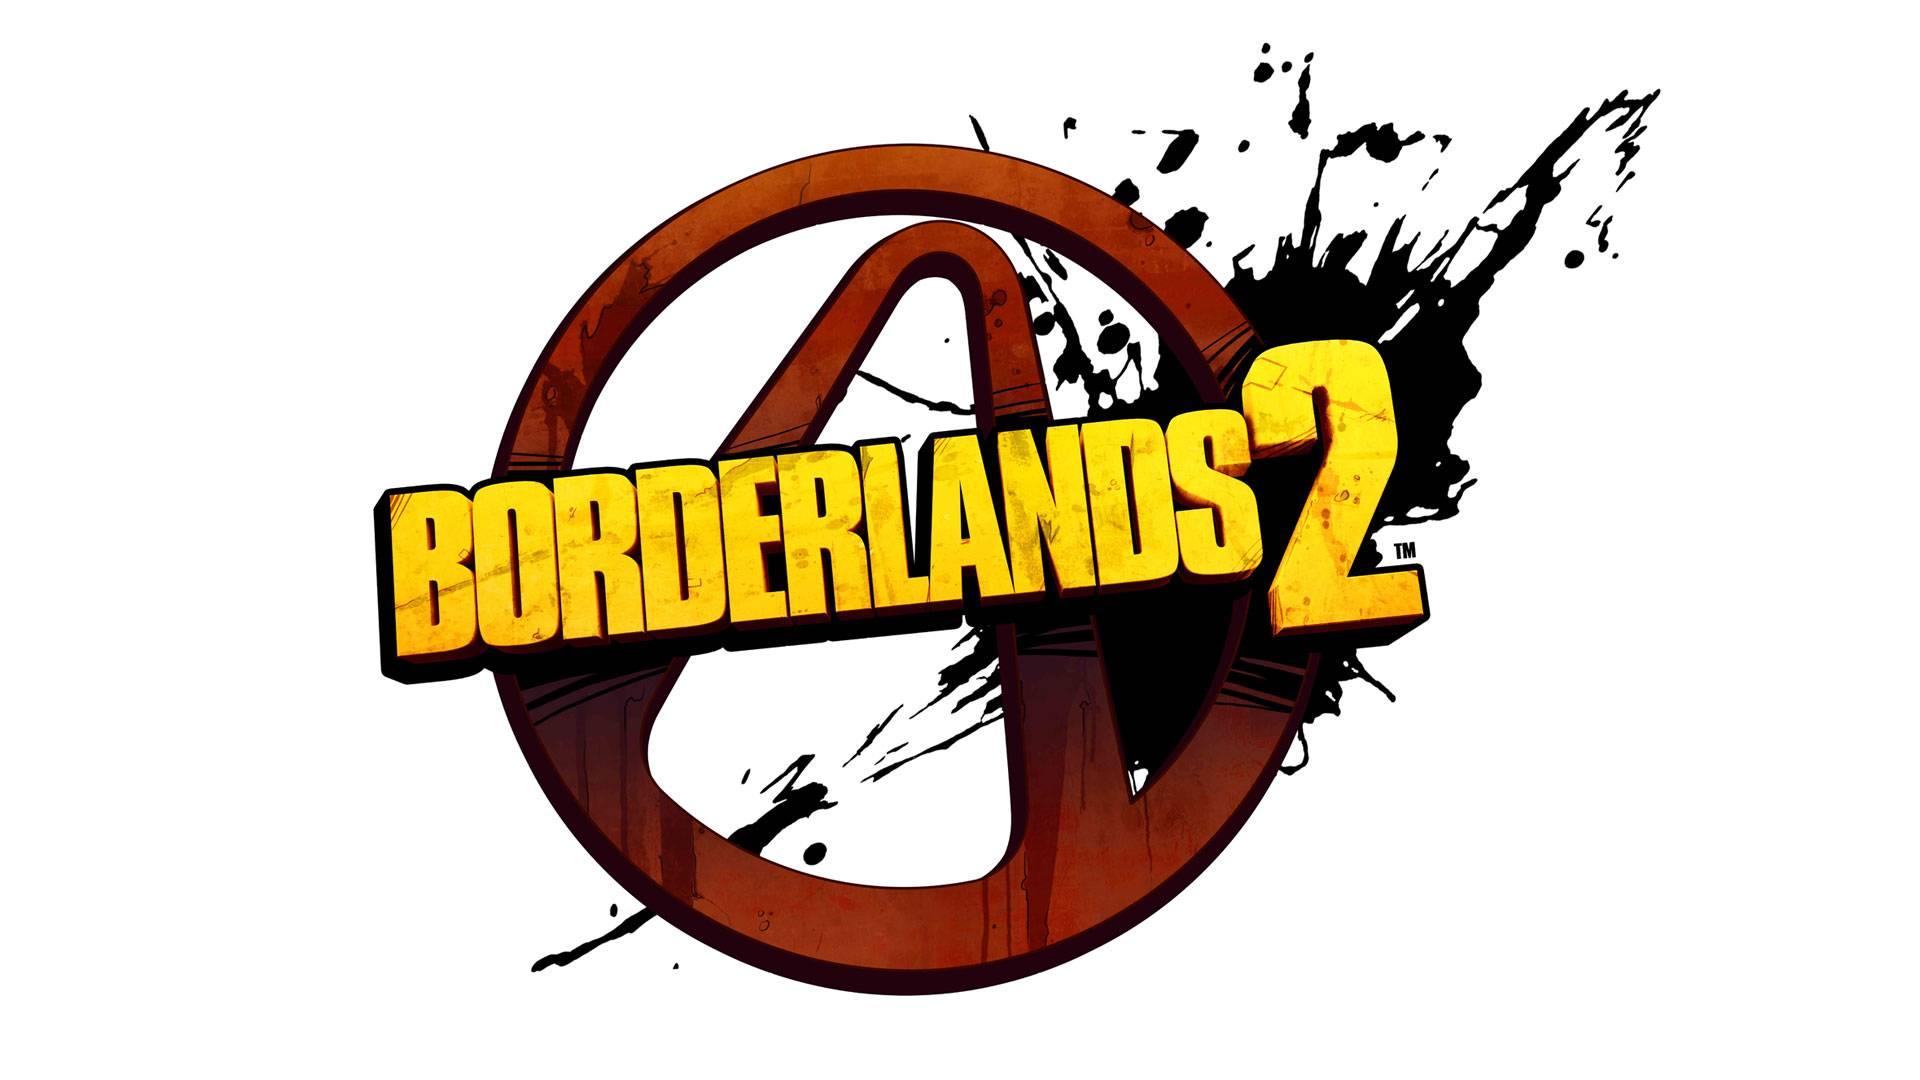 borderlands_2_wallpaper_hd_1080_p